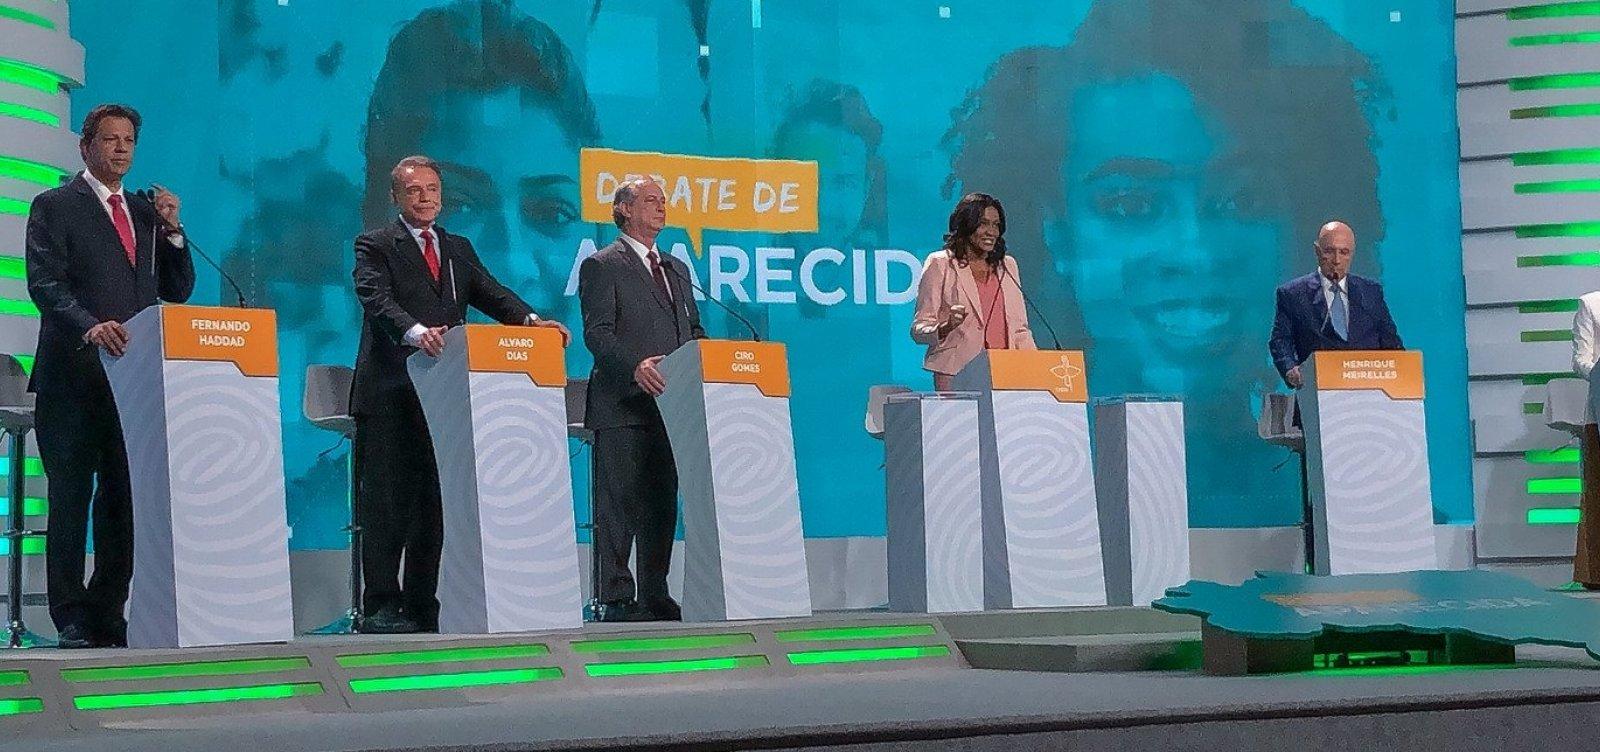 [Presidenciáveis participam hoje do último debate antes do 1º turno]